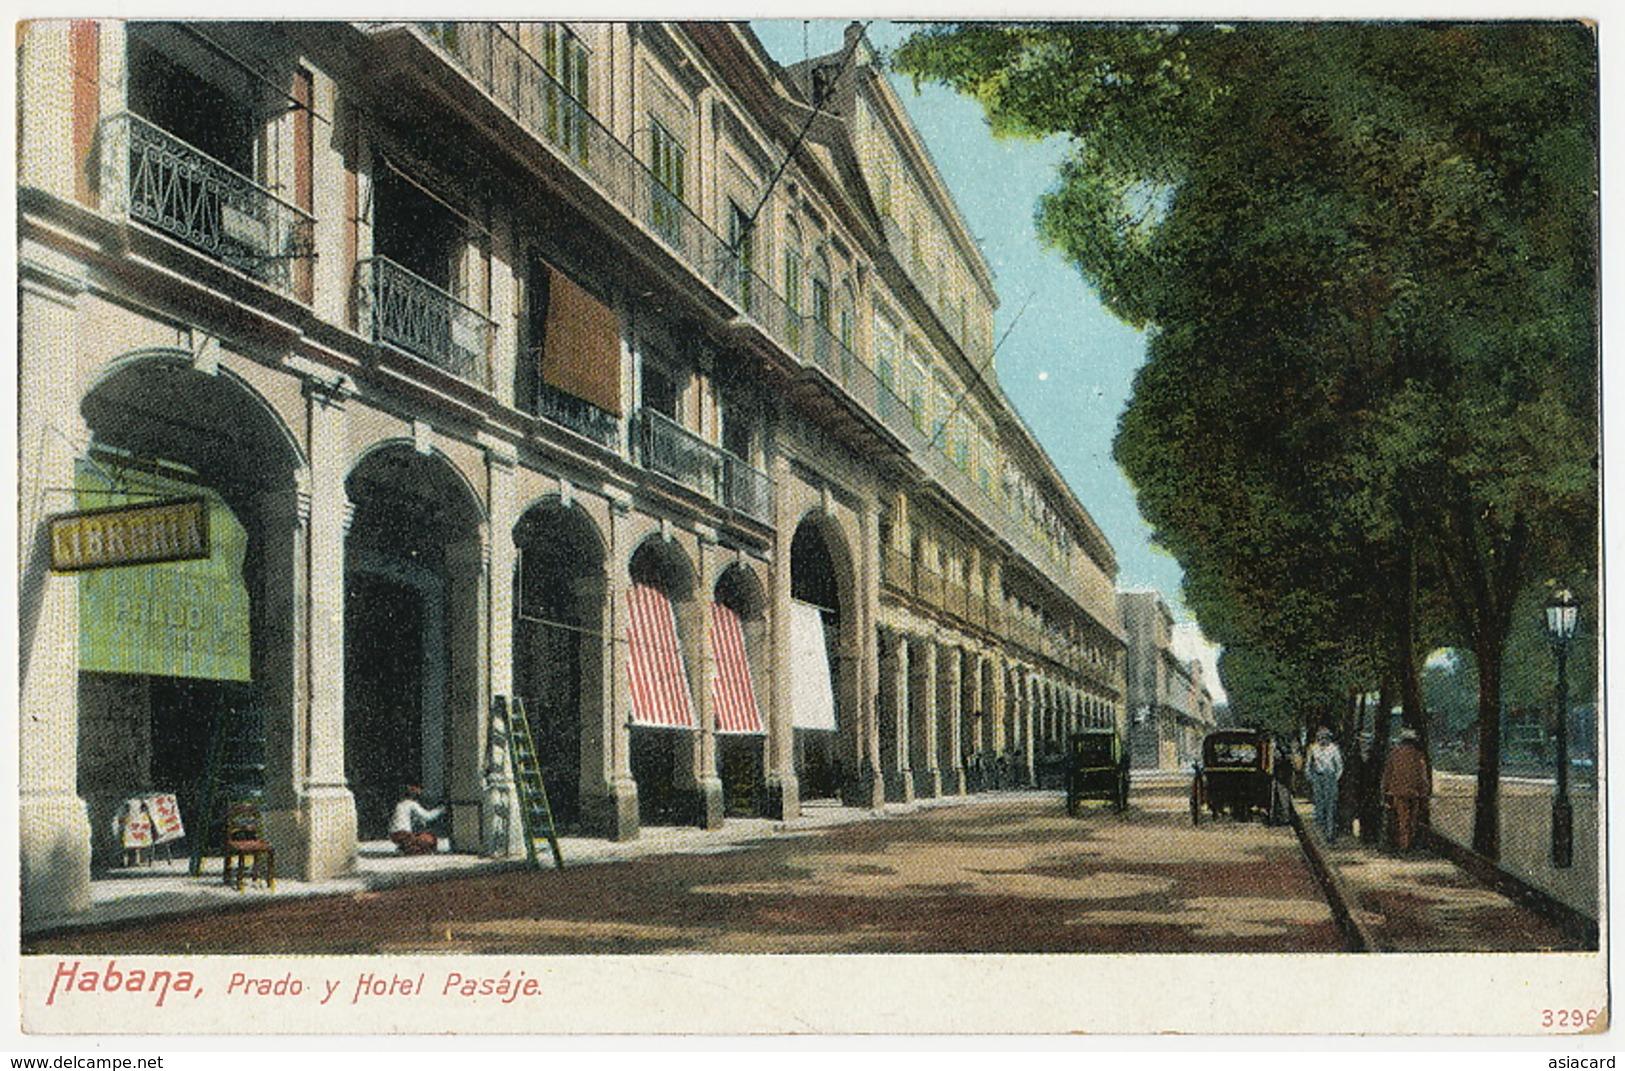 Habana Prado Y Hotel Pasaje Libreria La Poesia A La Izquierda - Cuba